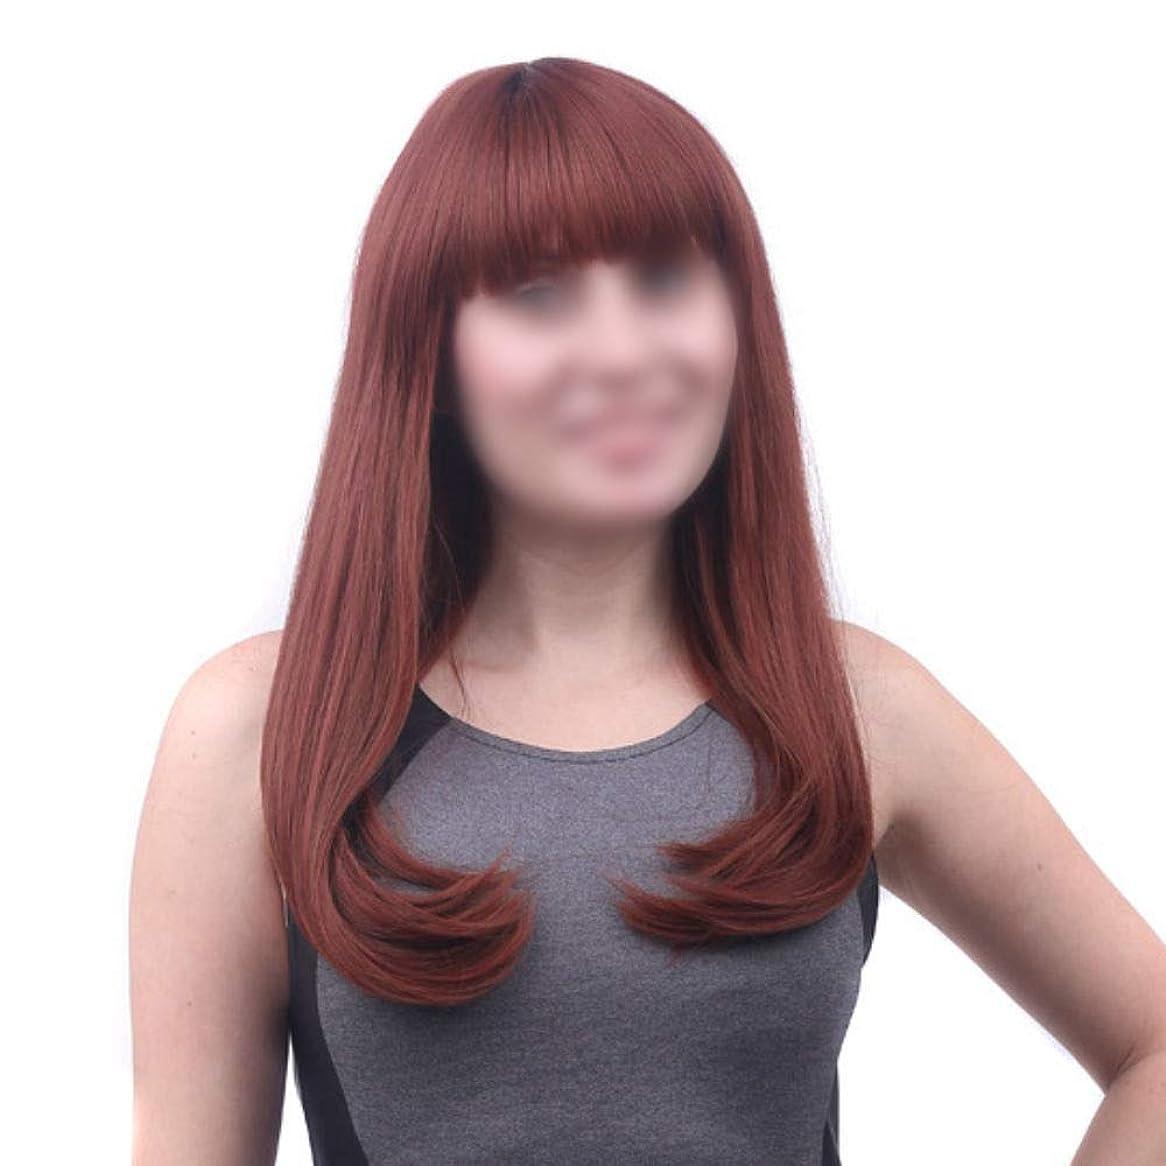 橋脚不条理とティームYrattary 女性のための前髪ロング絹のようなストレートナチュラルな髪の交換用のかつらパーティー用のかつら (Color : ブラウン, サイズ : 55cm)